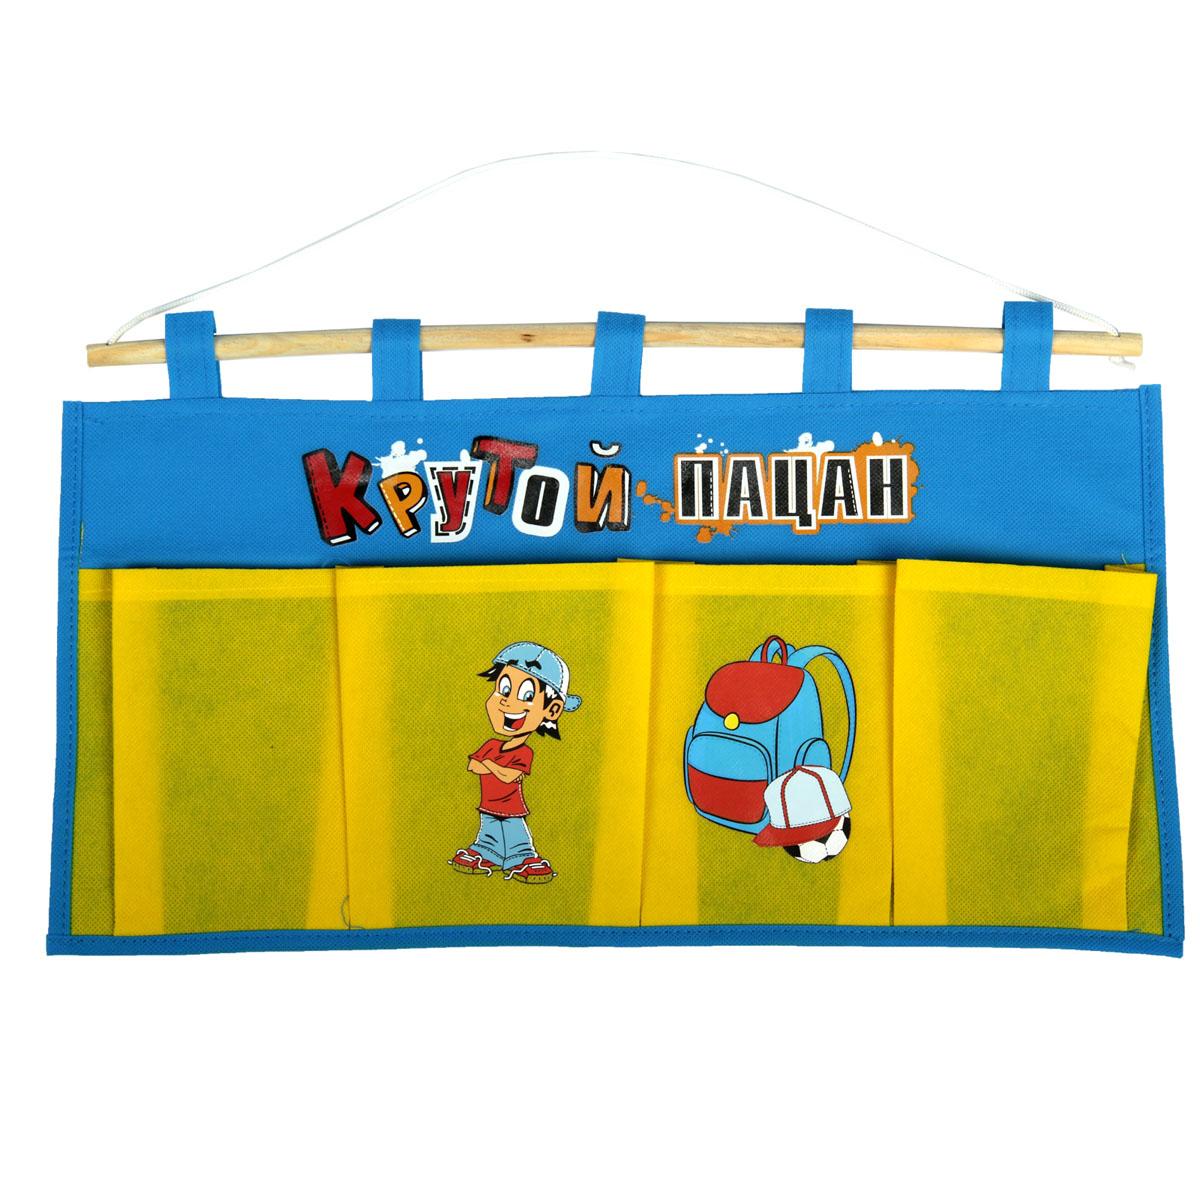 Кармашки на стену Sima-land Крутой пацан, цвет: голубой, желтый, красный, 4 шт842447Кармашки на стену Sima-land «Крутой пацан», изготовленные из текстиля, предназначены для хранения необходимых вещей, множества мелочей в гардеробной, ванной, детской комнатах. Изделие представляет собой текстильное полотно с четырьмя пришитыми кармашками. Благодаря деревянной планке и шнурку, кармашки можно подвесить на стену или дверь в необходимом для вас месте. Кармашки декорированы изображениями мальчика, рюкзака, футбольного мяча и надписью «Крутой пацан».Этот нужный предмет может стать одновременно и декоративным элементом комнаты. Яркий дизайн, как ничто иное, способен оживить интерьер вашего дома.